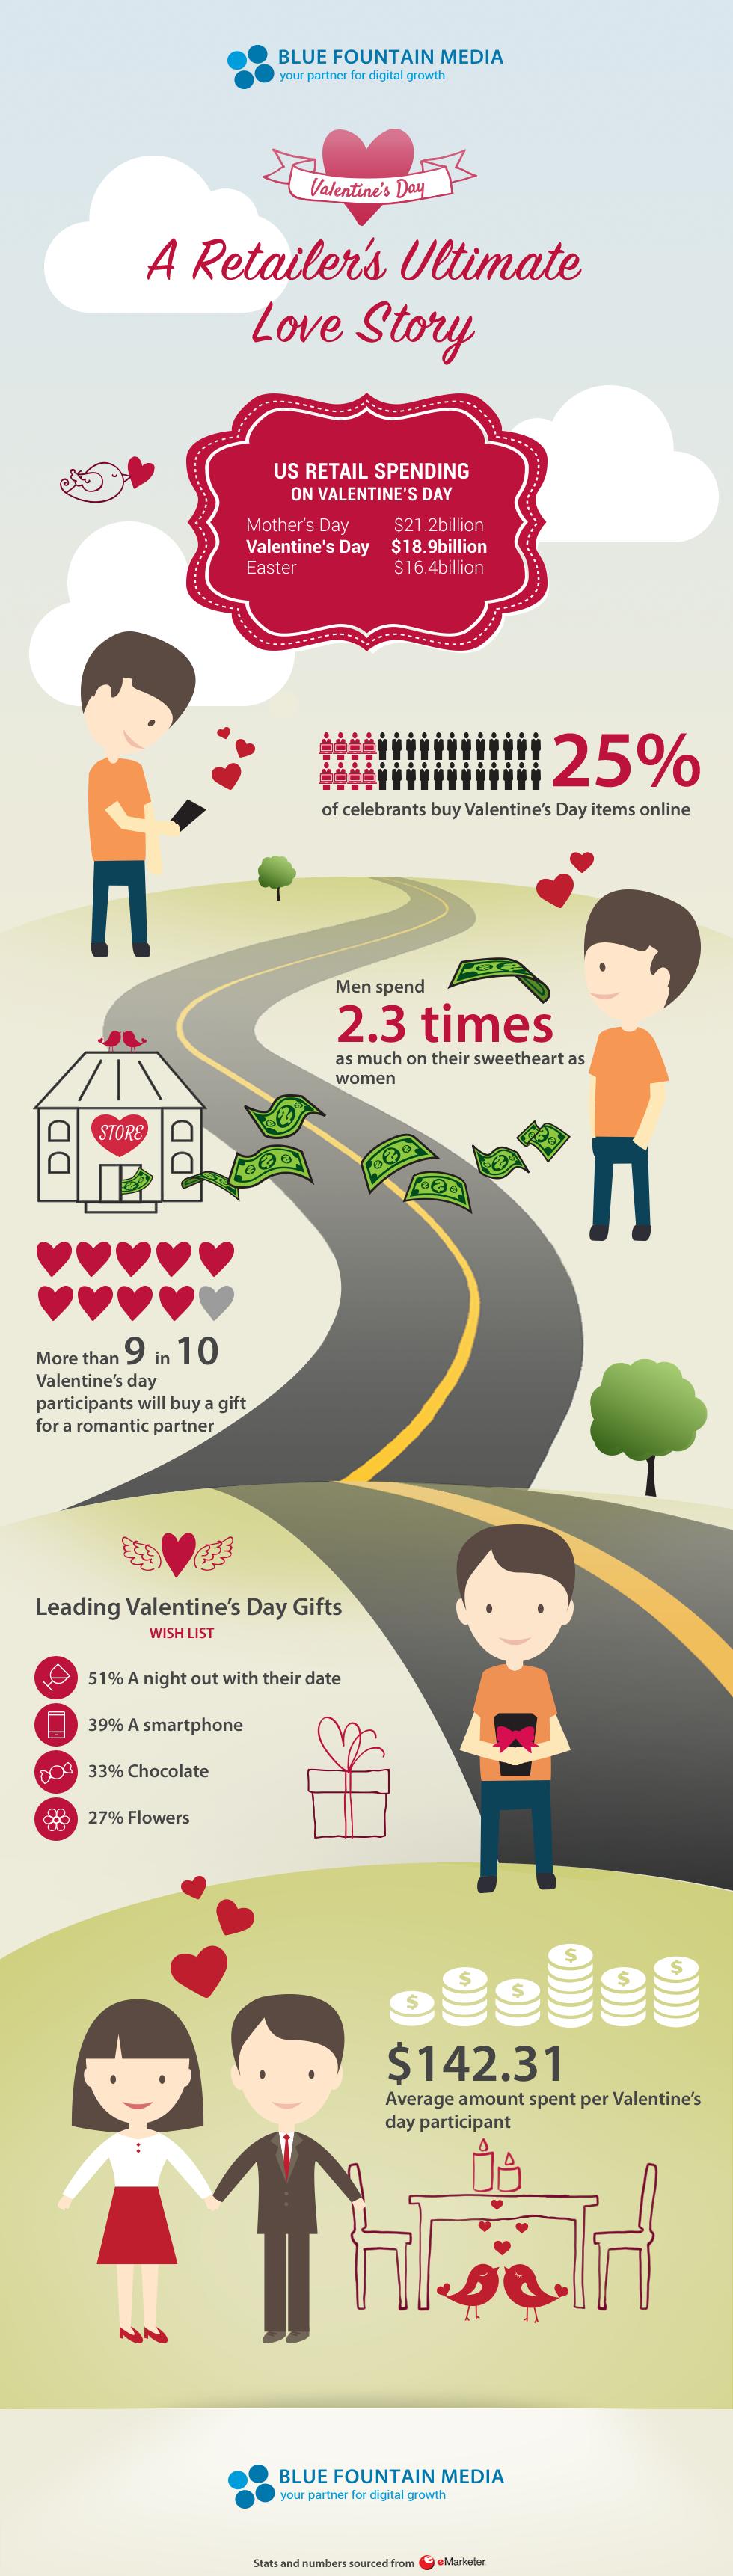 bfm_infographic_valentine_ak_v3